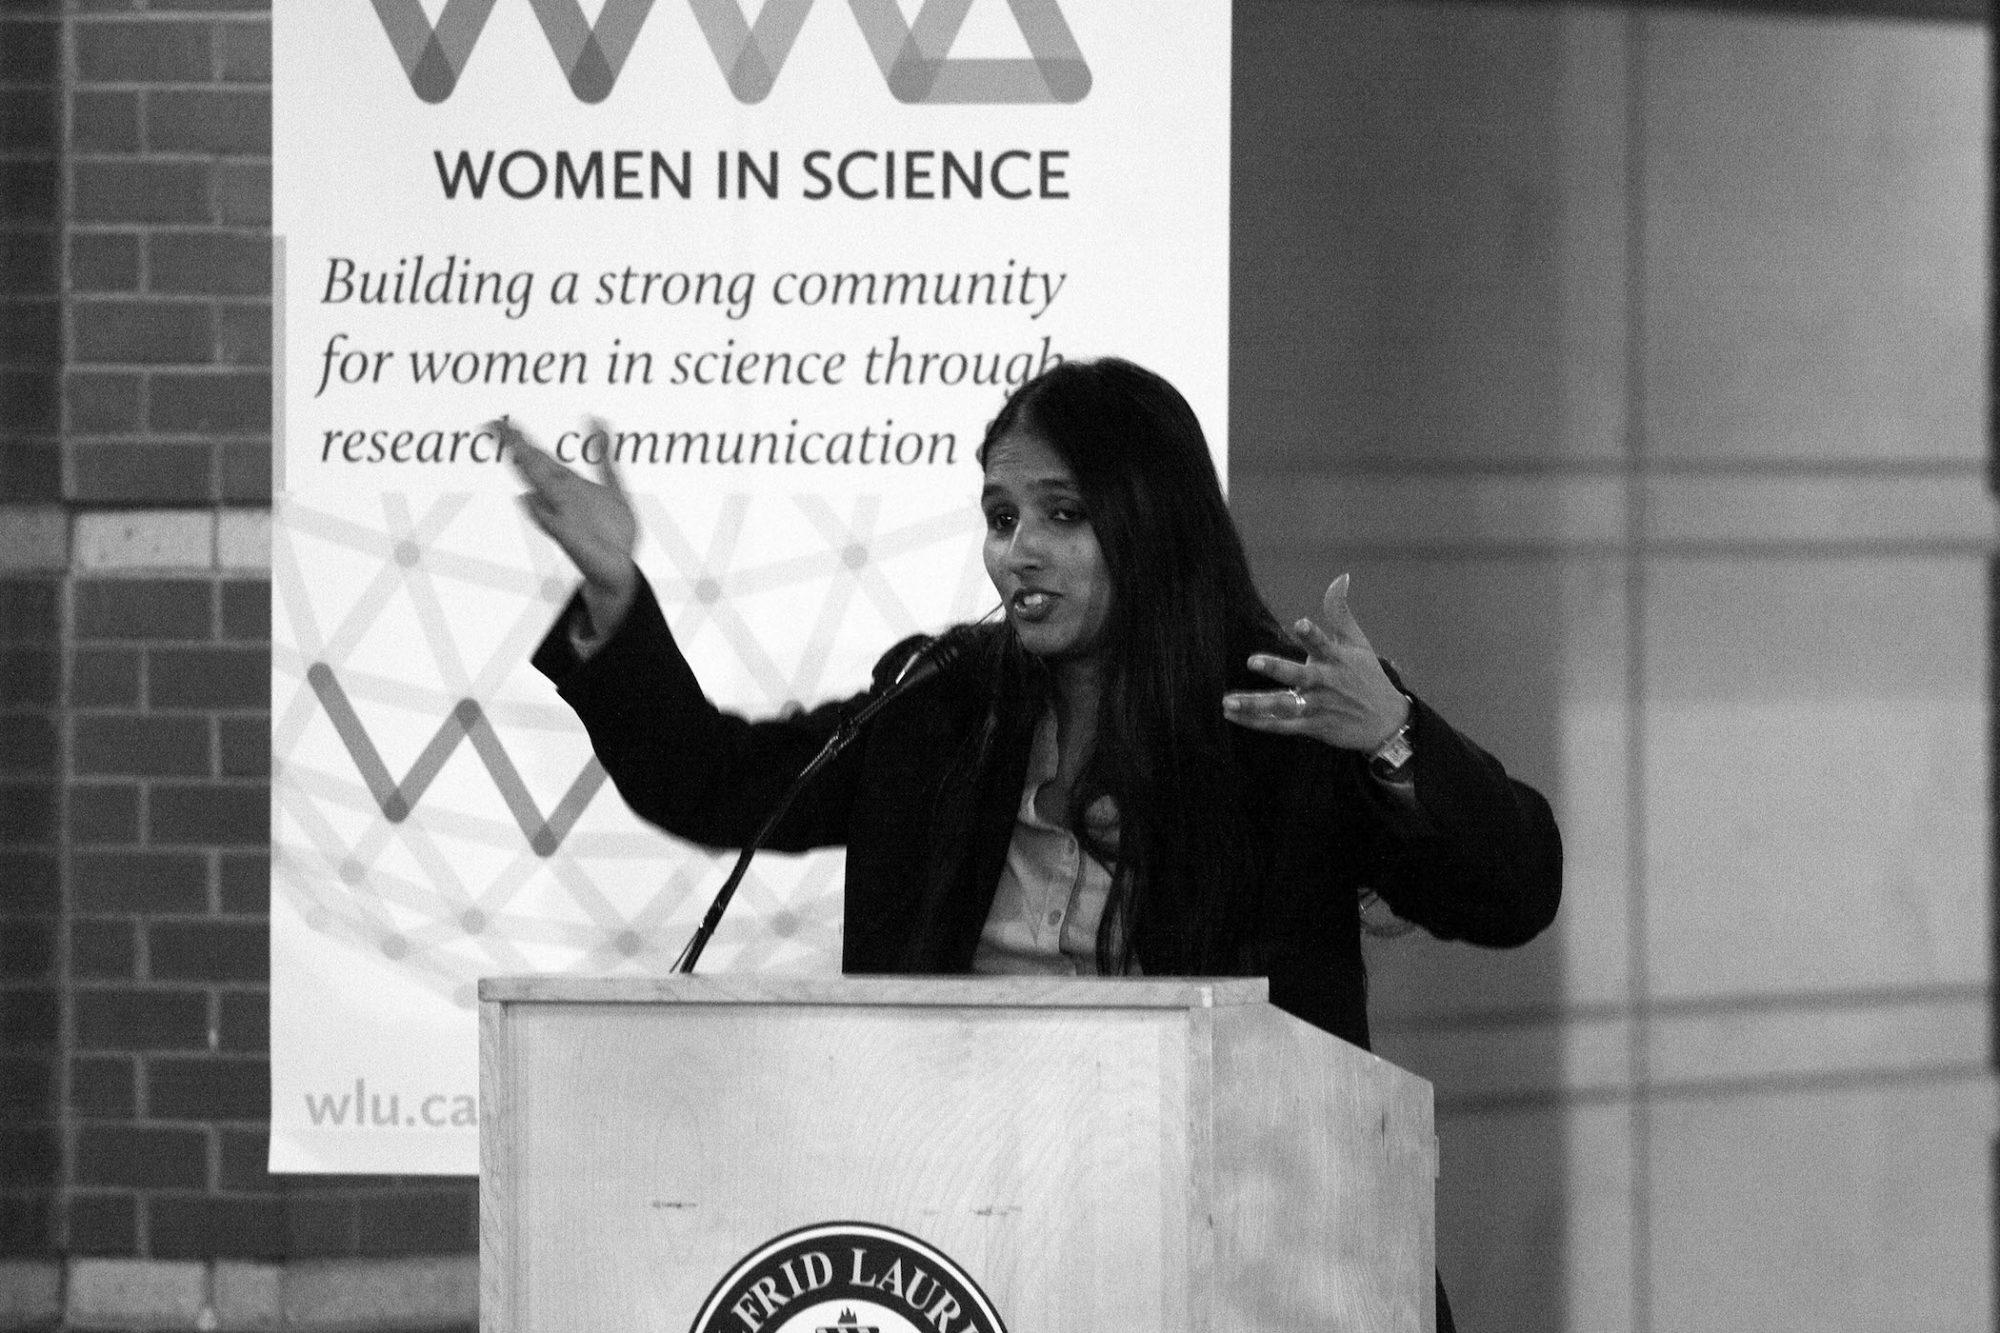 Women-in-science-Kate